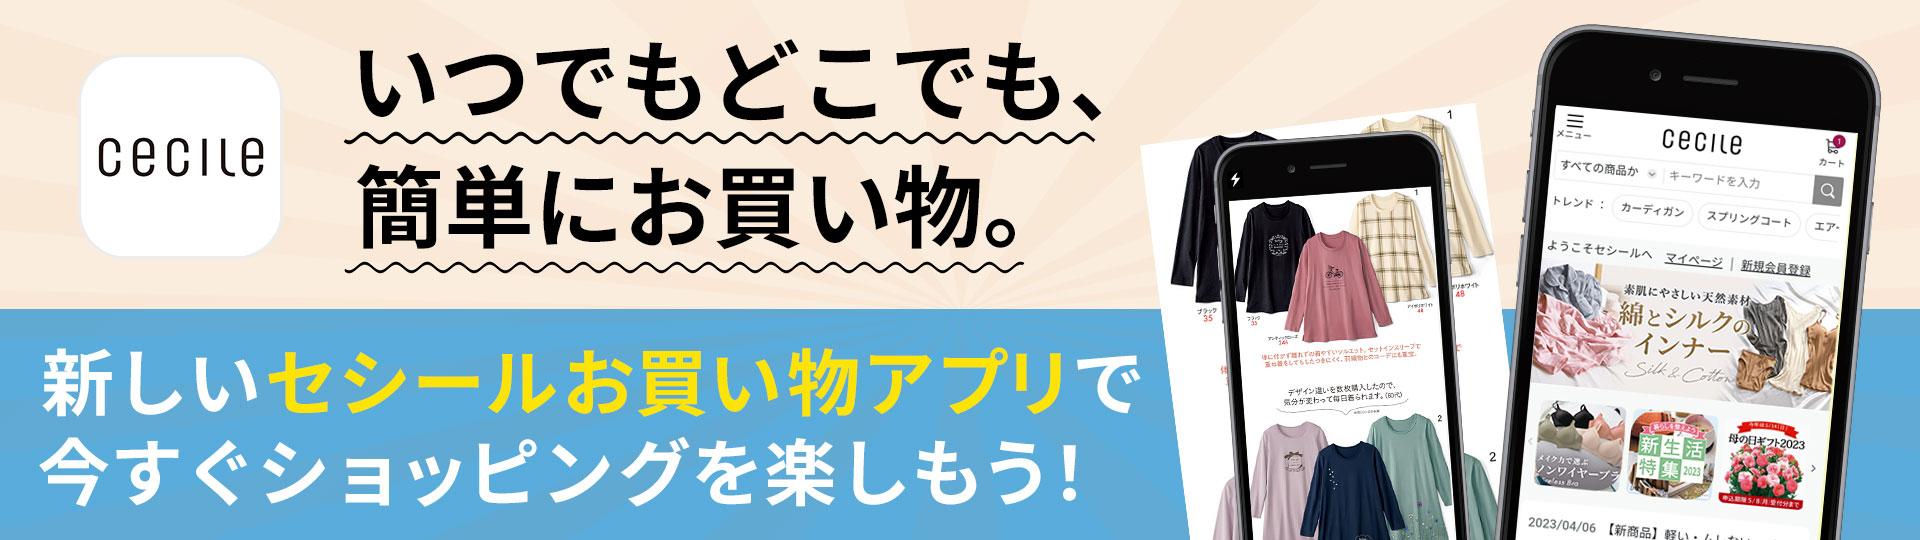 ご注文・カタログのチェックが簡単に♪最新キャンペーンの情報も配信! セシールお買い物アプリ